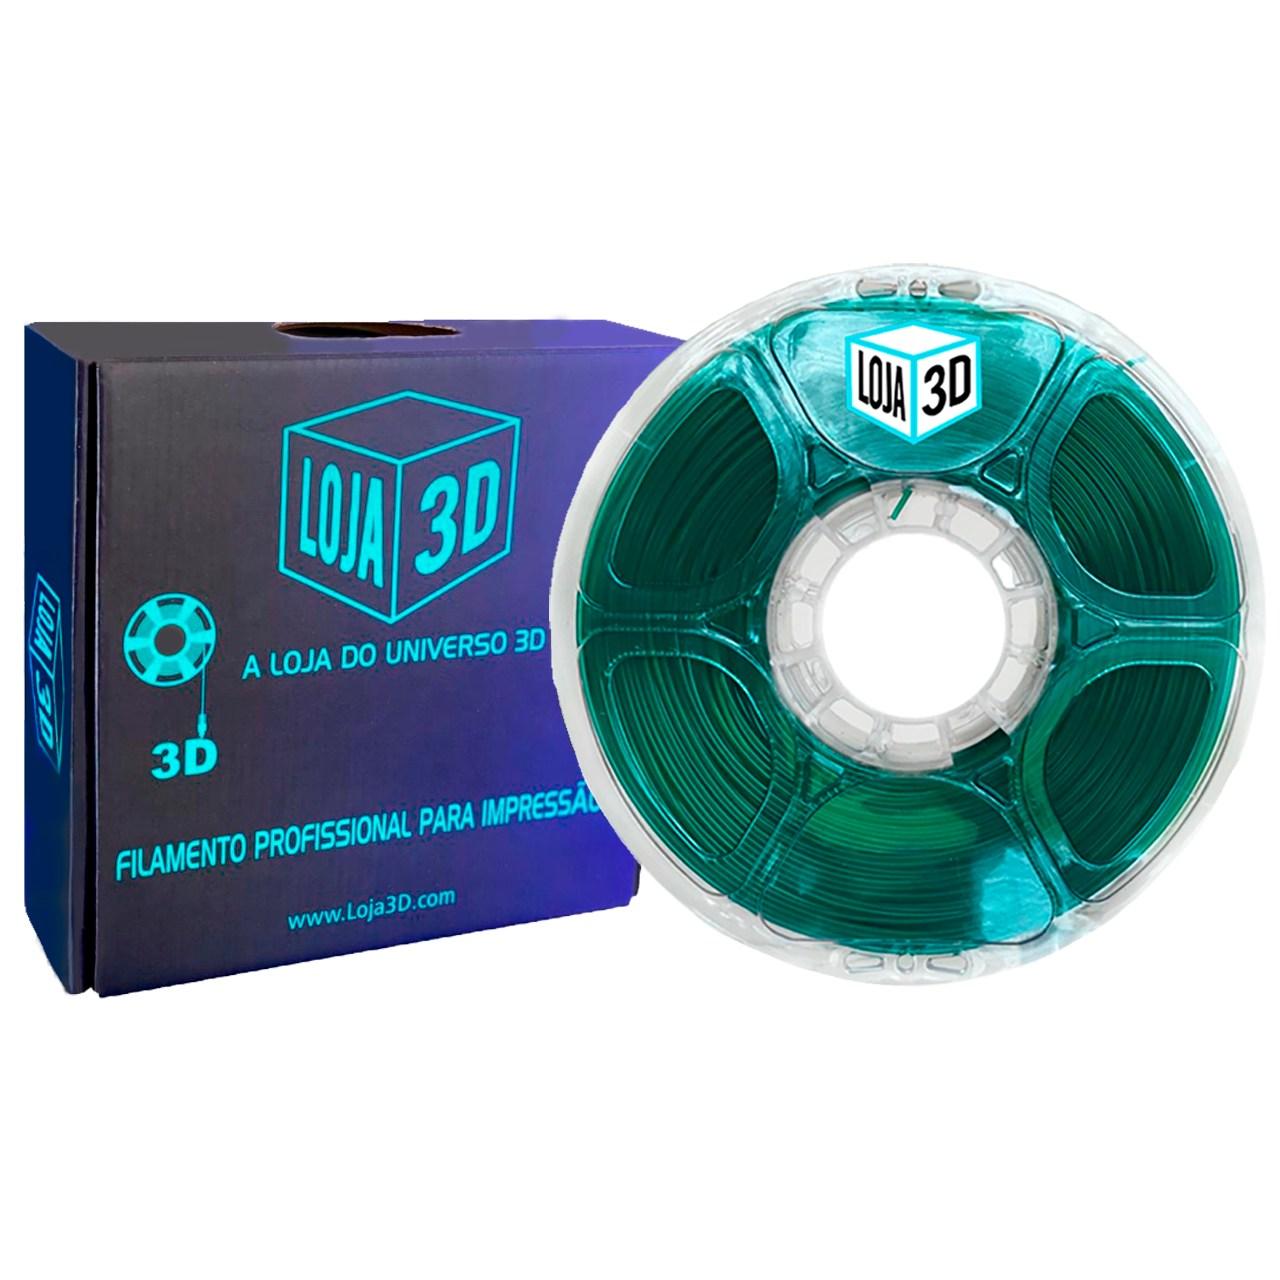 Filamento PLA Pro de Alta Resistência - Verde - Loja 3D - 1.75mm - 1kg